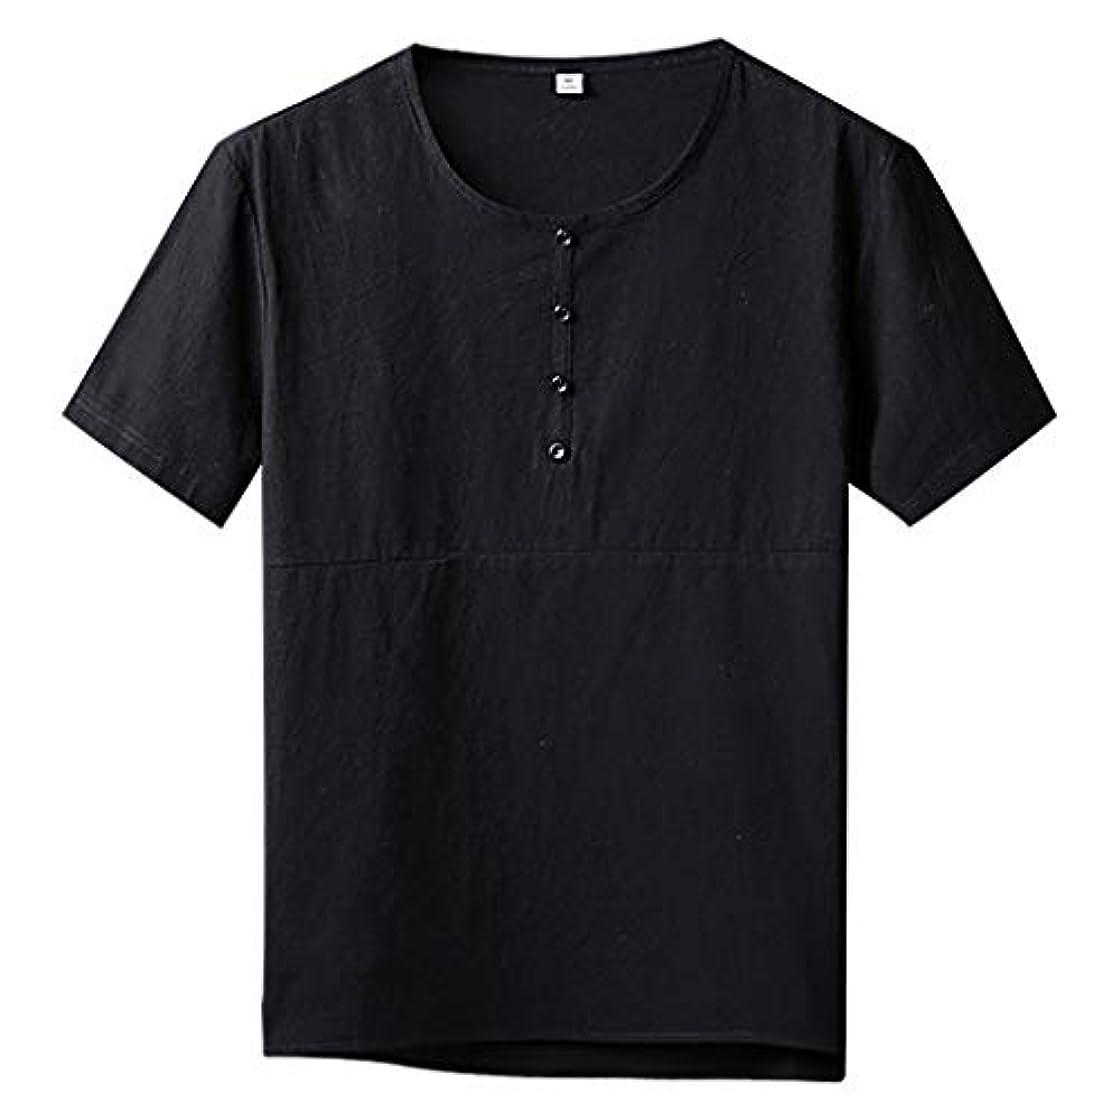 に渡って繊維玉OD企画 tシャツカジュアル ブラウス 綿麻 半袖 日韓風 Tシャツ 薄手 体型カバー ボタン付き 無地 メンズ 服 ゆったり きれいめ おしゃれ トップス 通勤 普段着 スポーツ デート 彼氏 男性 大きいサイズ シャツ